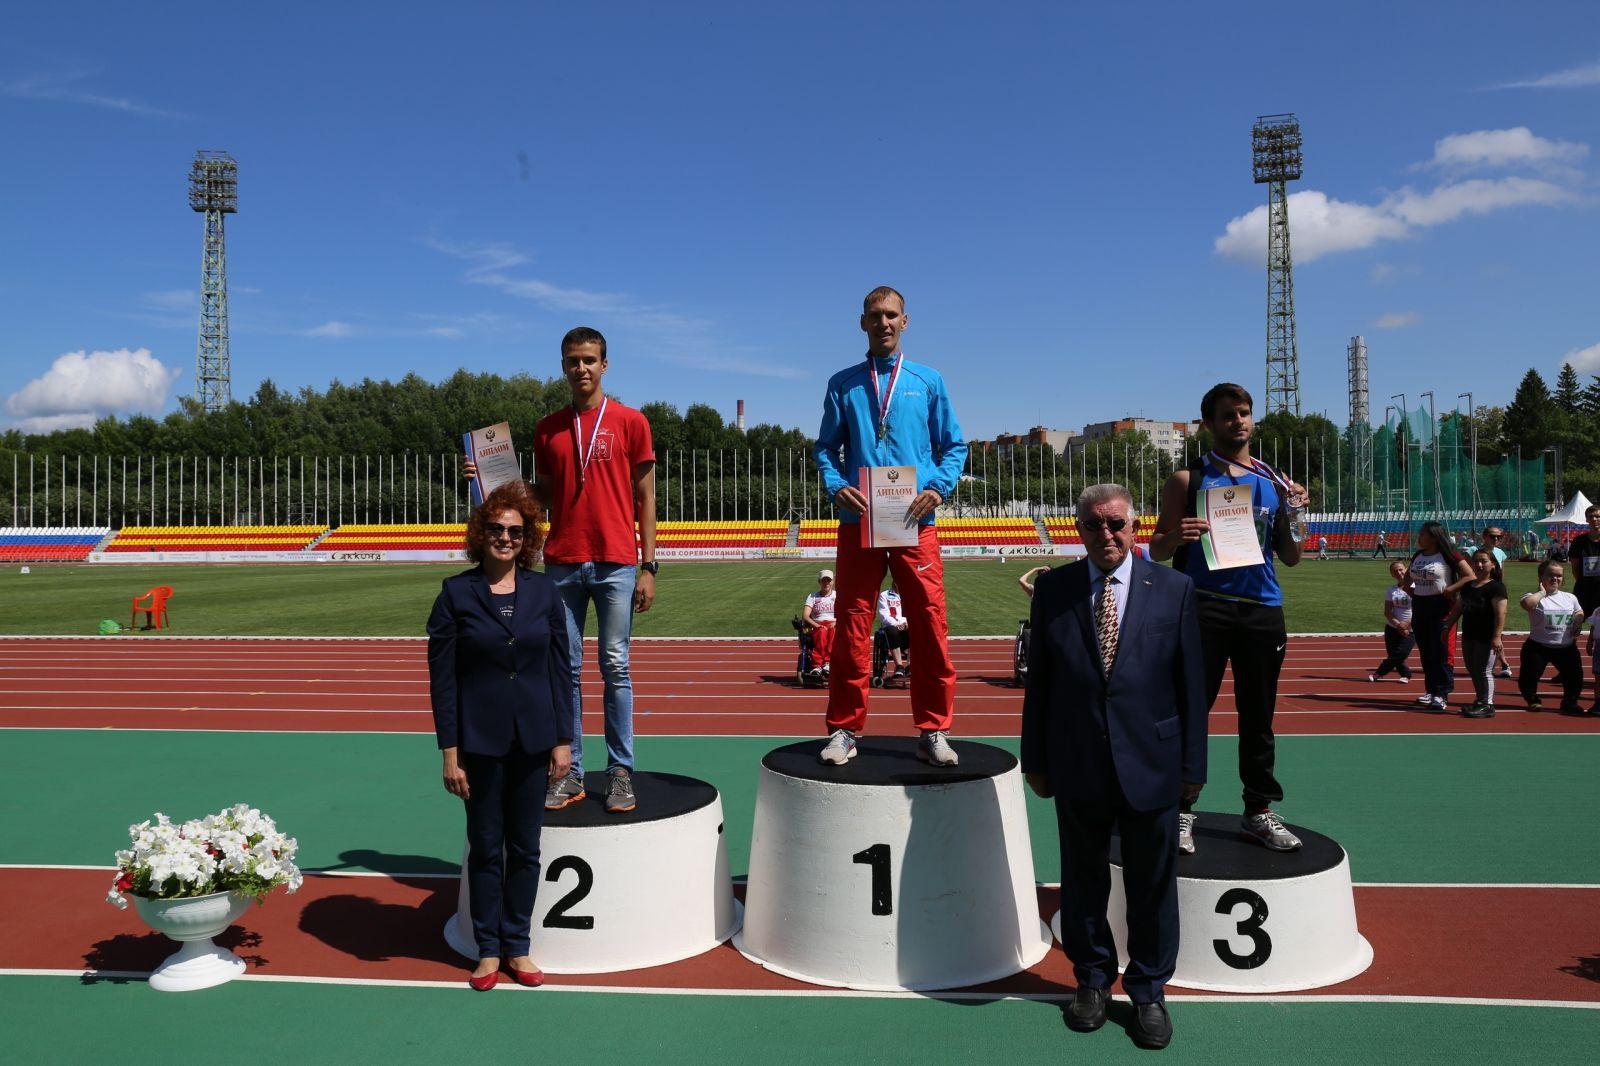 В Чебоксарах завершились совместные соревнования легкоатлетов с ПОДА, нарушением зрения и интеллектуальными нарушениями